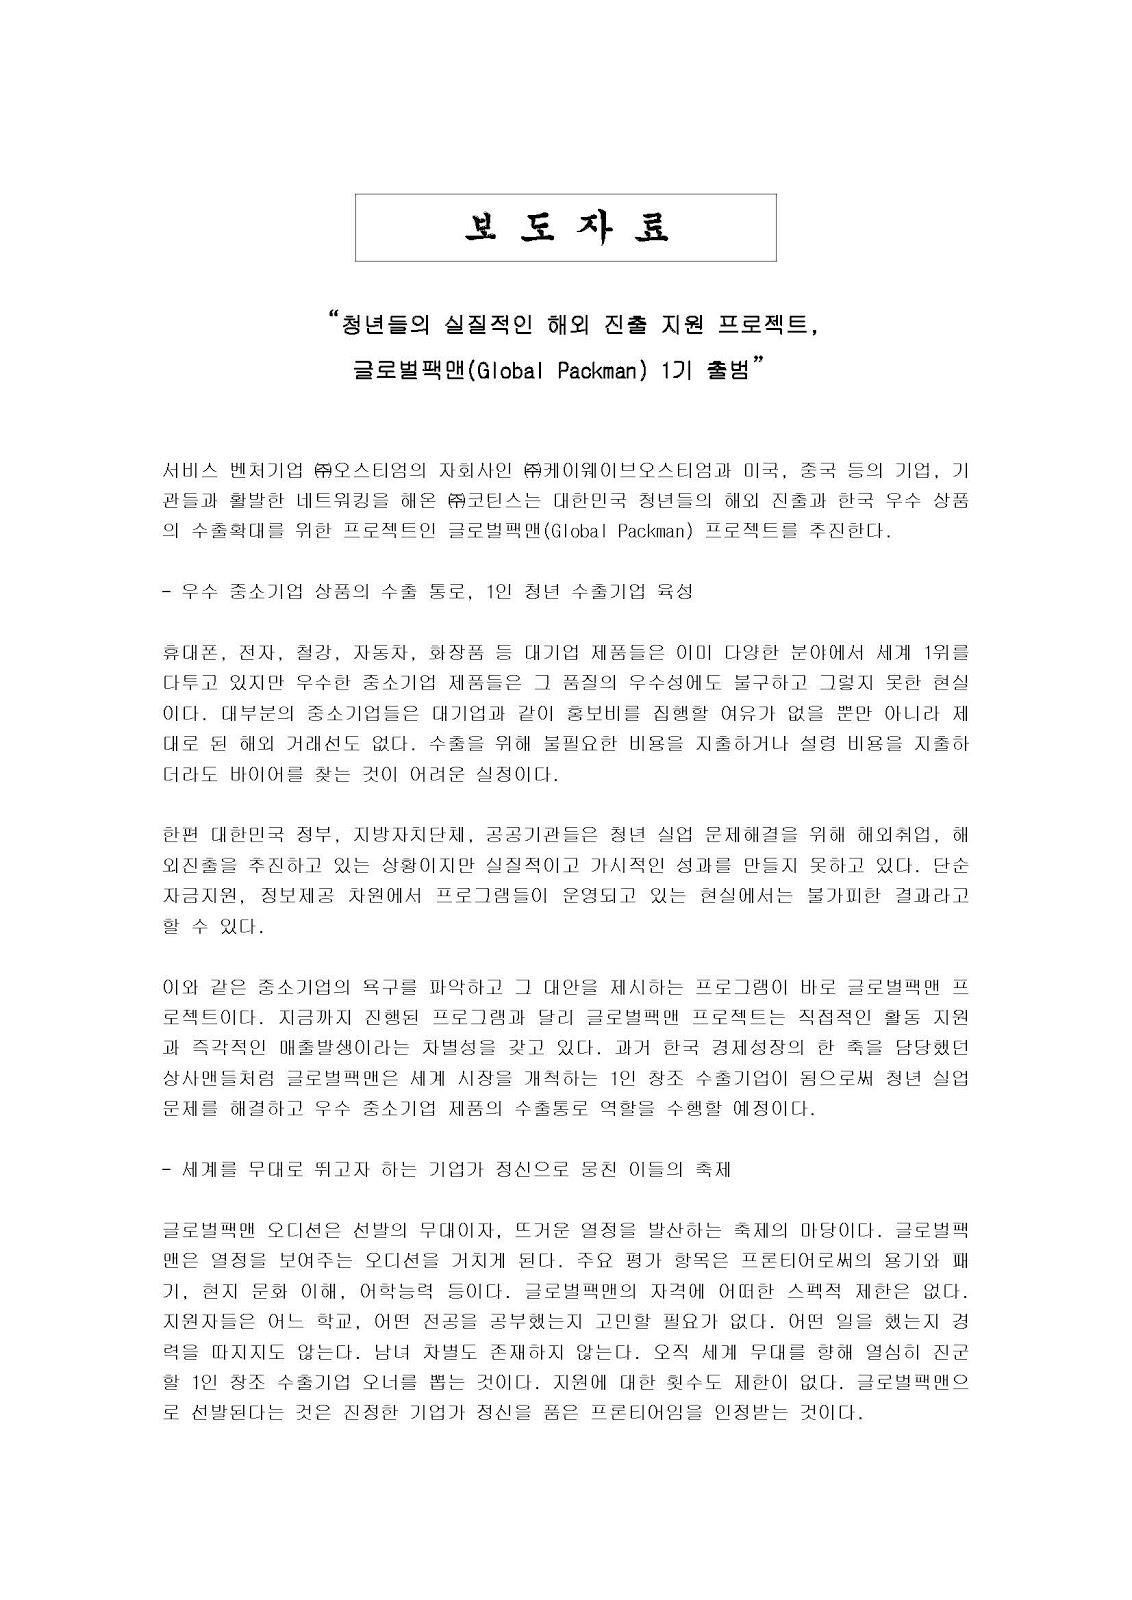 글로벌팩맨 보도자료 korea travel international service